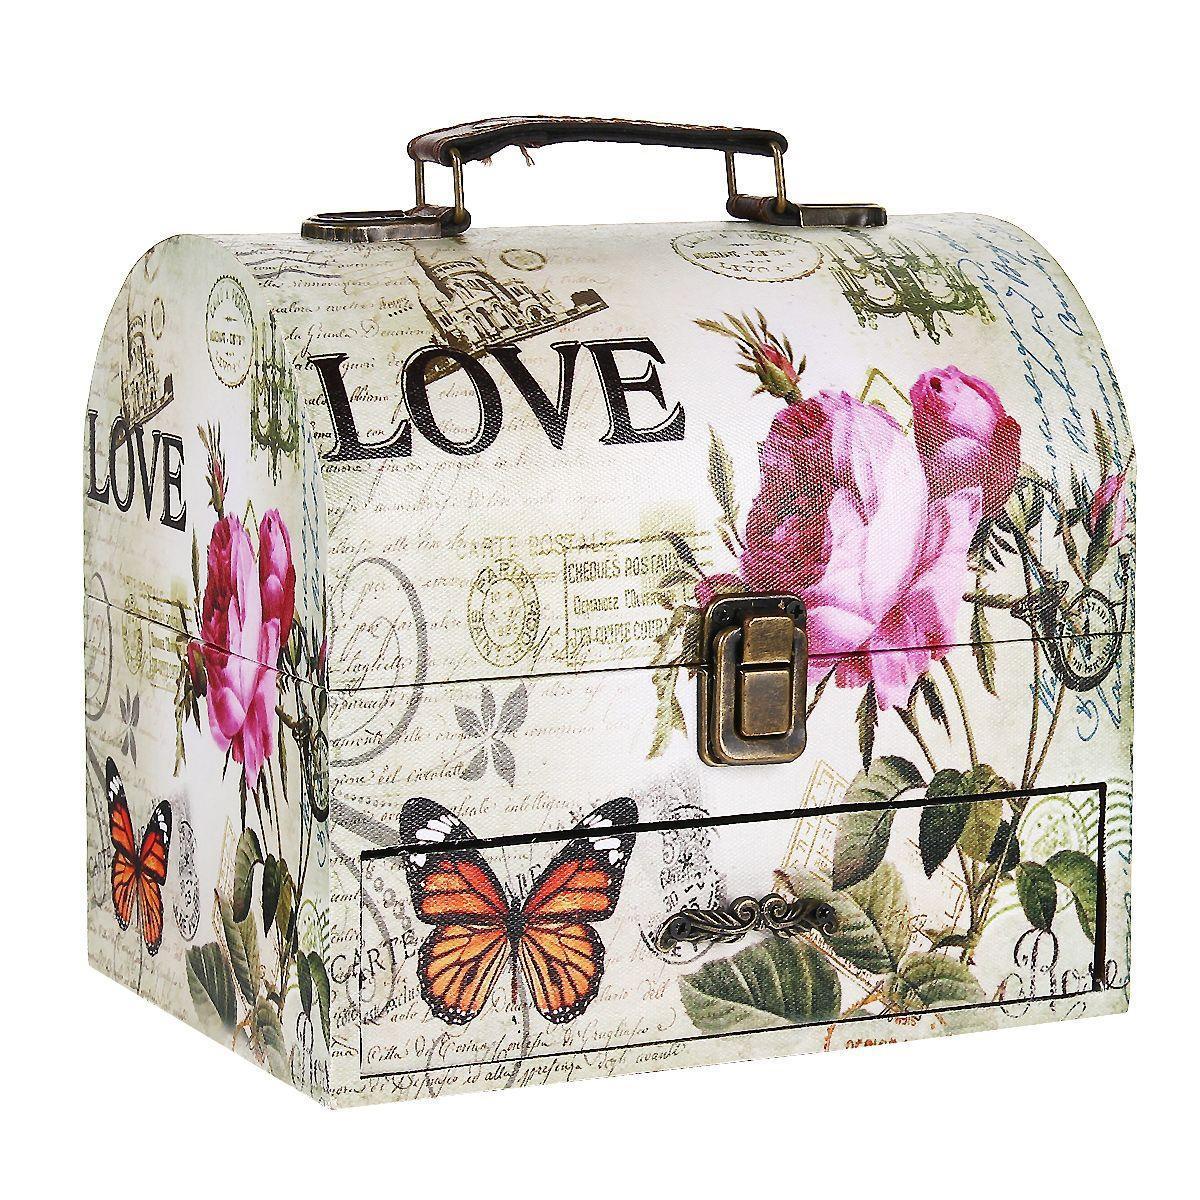 Шкатулка для хранения Love, 20 х 18 х 15 смTL3619Шкатулка для хранения Love, выполненная из МДФ, оснащена удобным металлическим замком, металлическими креплениями и ручкой для удобной транспортировки шкатулки. Шкатулка обтянута по всей поверхности текстилем с изображением цветов и бабочек. Внутри шкатулки имеется одно вместительное отделение и выдвижной ящик для мелочей, также обтянутые текстилем. Шкатулка для хранения Love станет оригинальным украшением интерьера и позволит хранить множество украшений, бижутерии, а также предметов шитья или рукоделия.